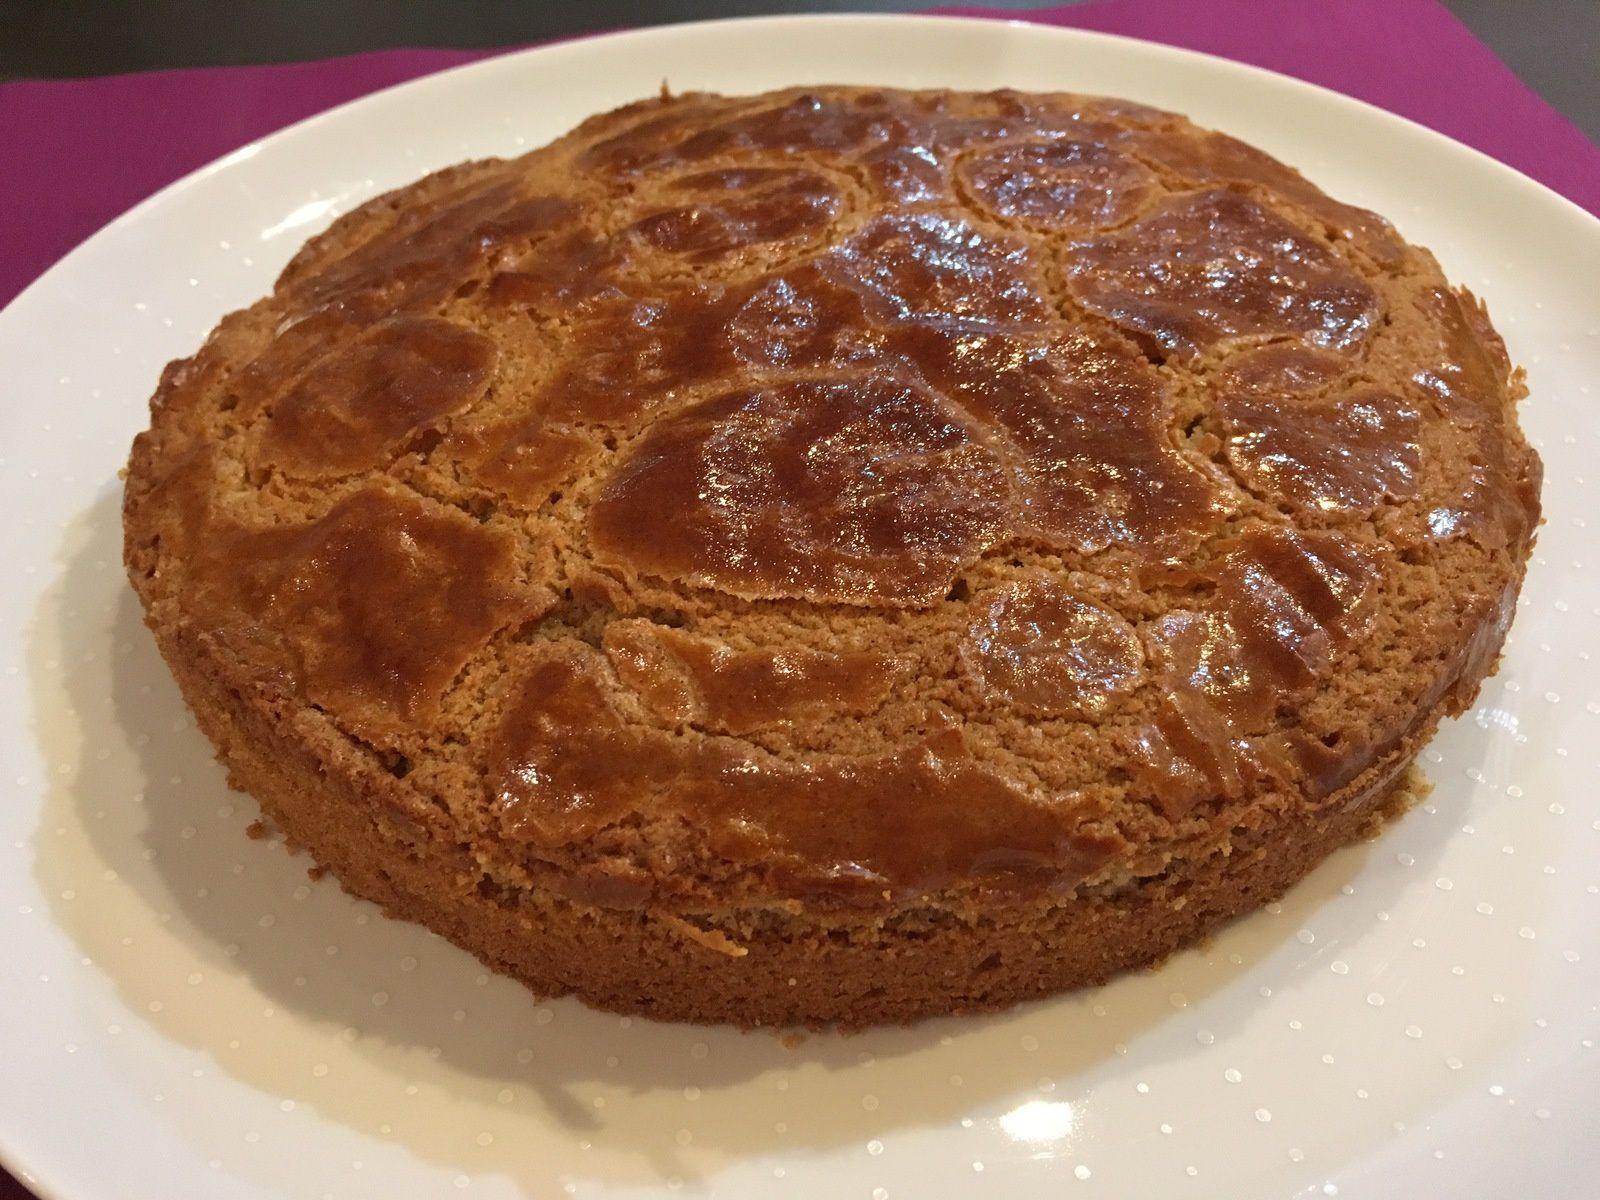 Gâteau Breton au sarrasin de Christophe Felder